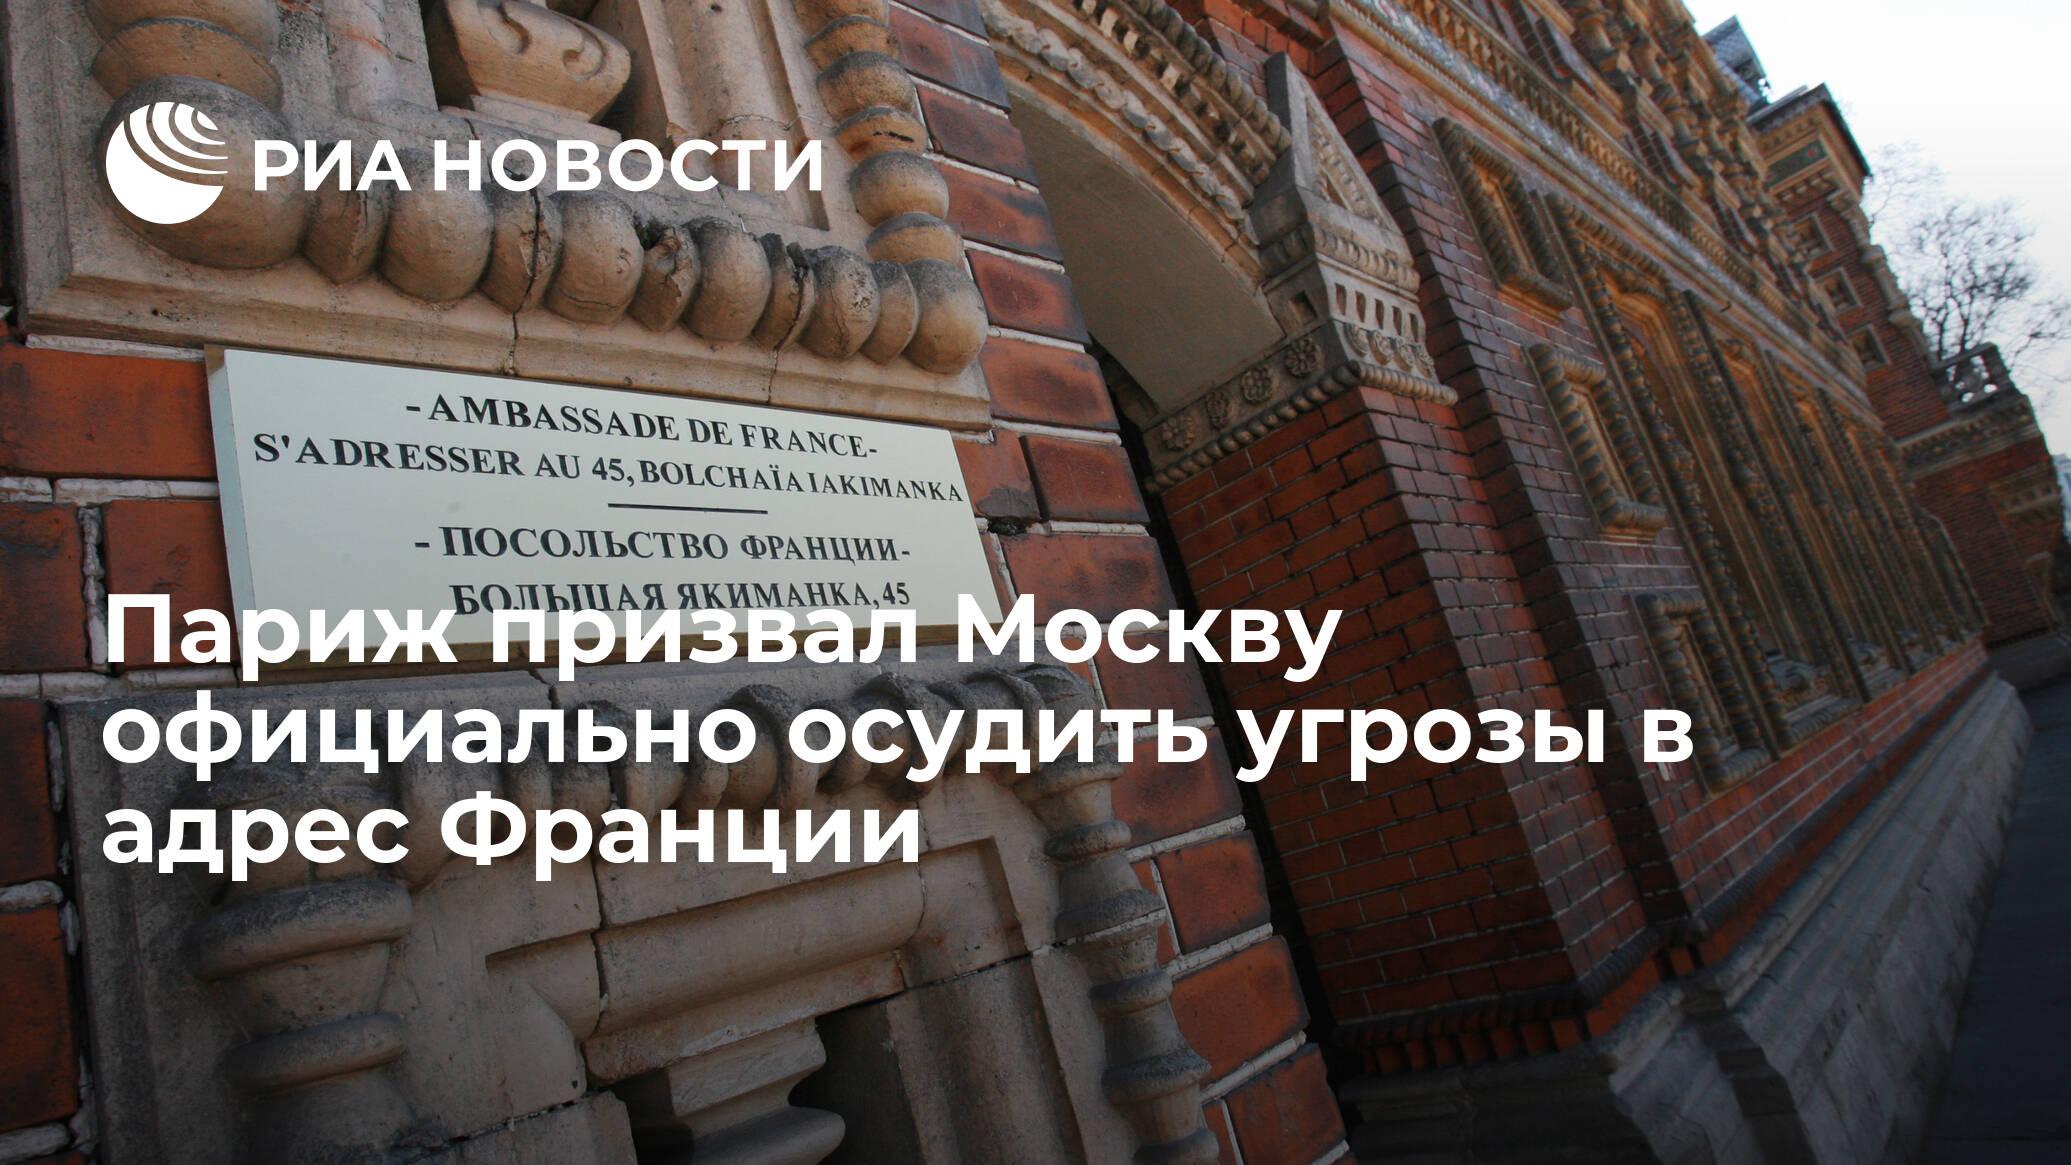 Париж призвал Москву официально осудить угрозы в адрес Франции